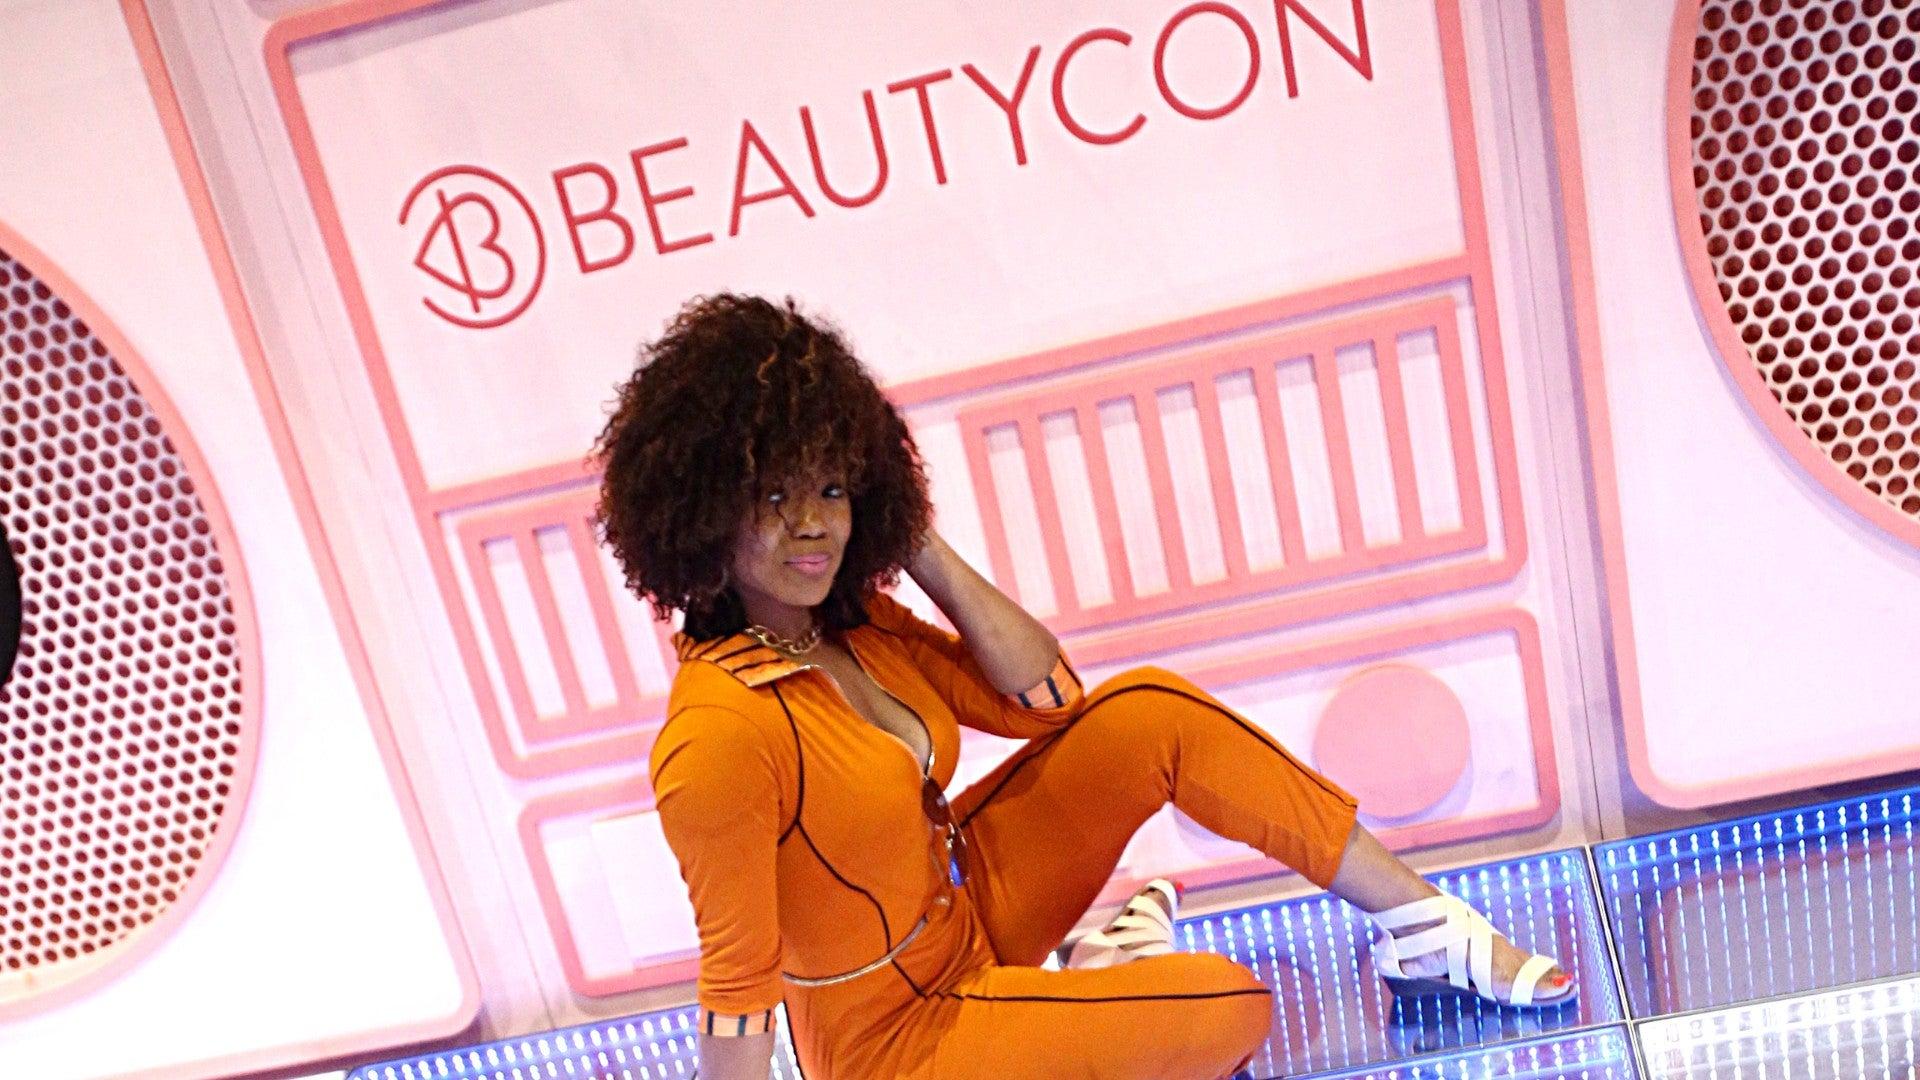 Ce sont les marques détenues par les noirs de Beautycon LA que vous devriez acheter